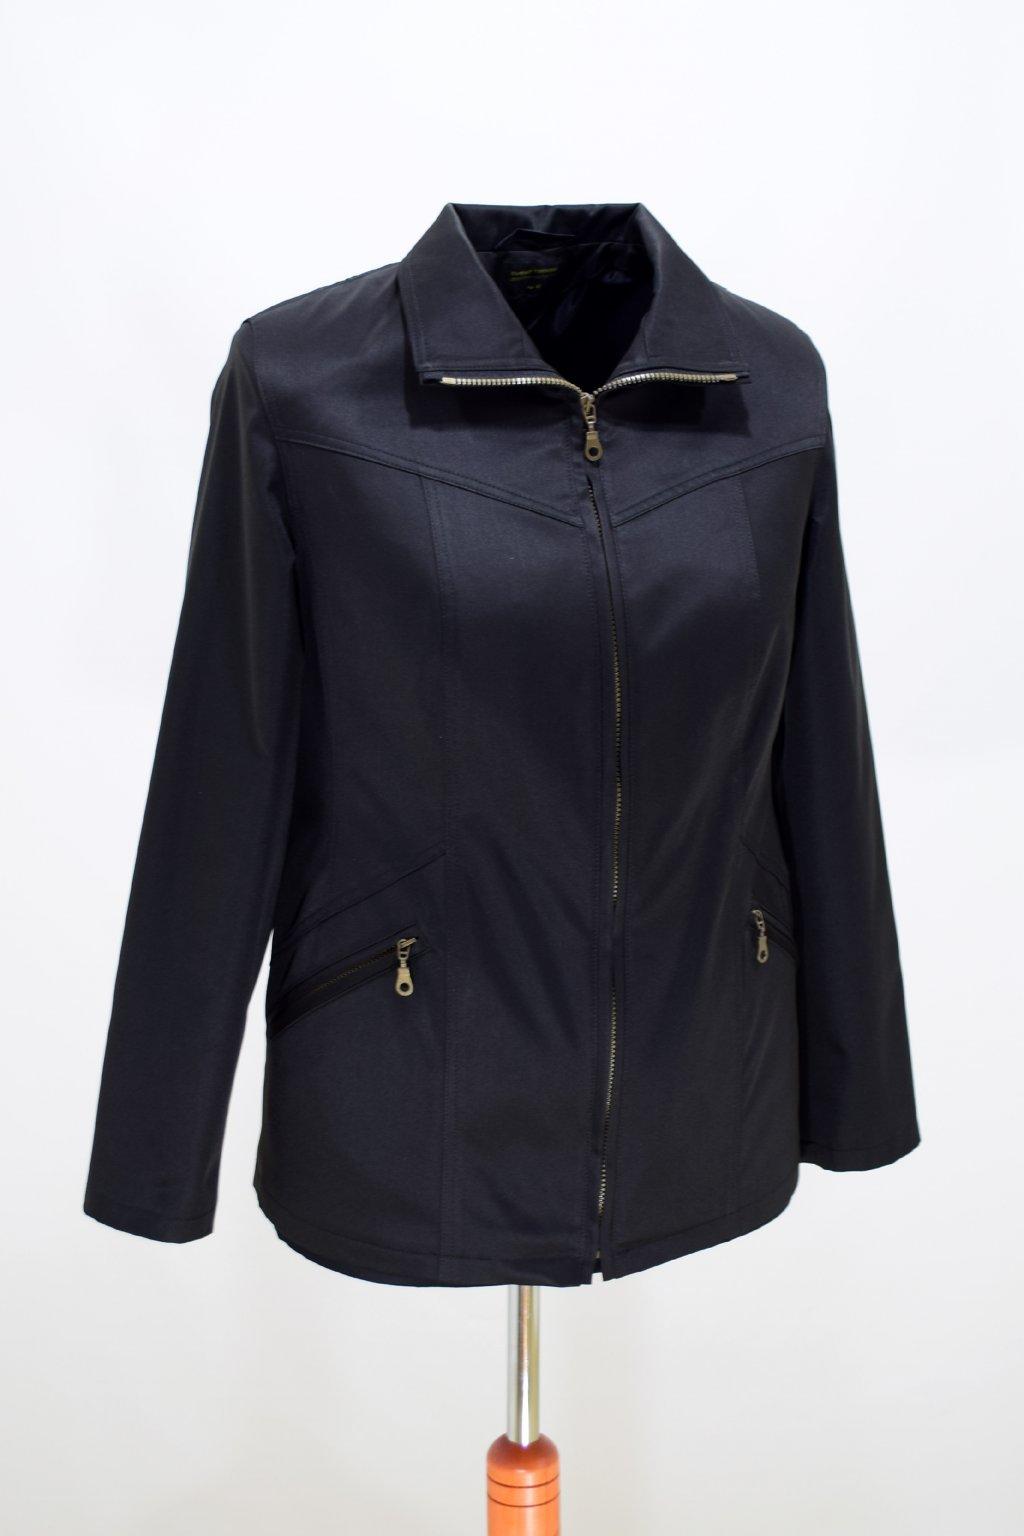 Dámská černá jarní bunda Ema nadměrné velikosti.